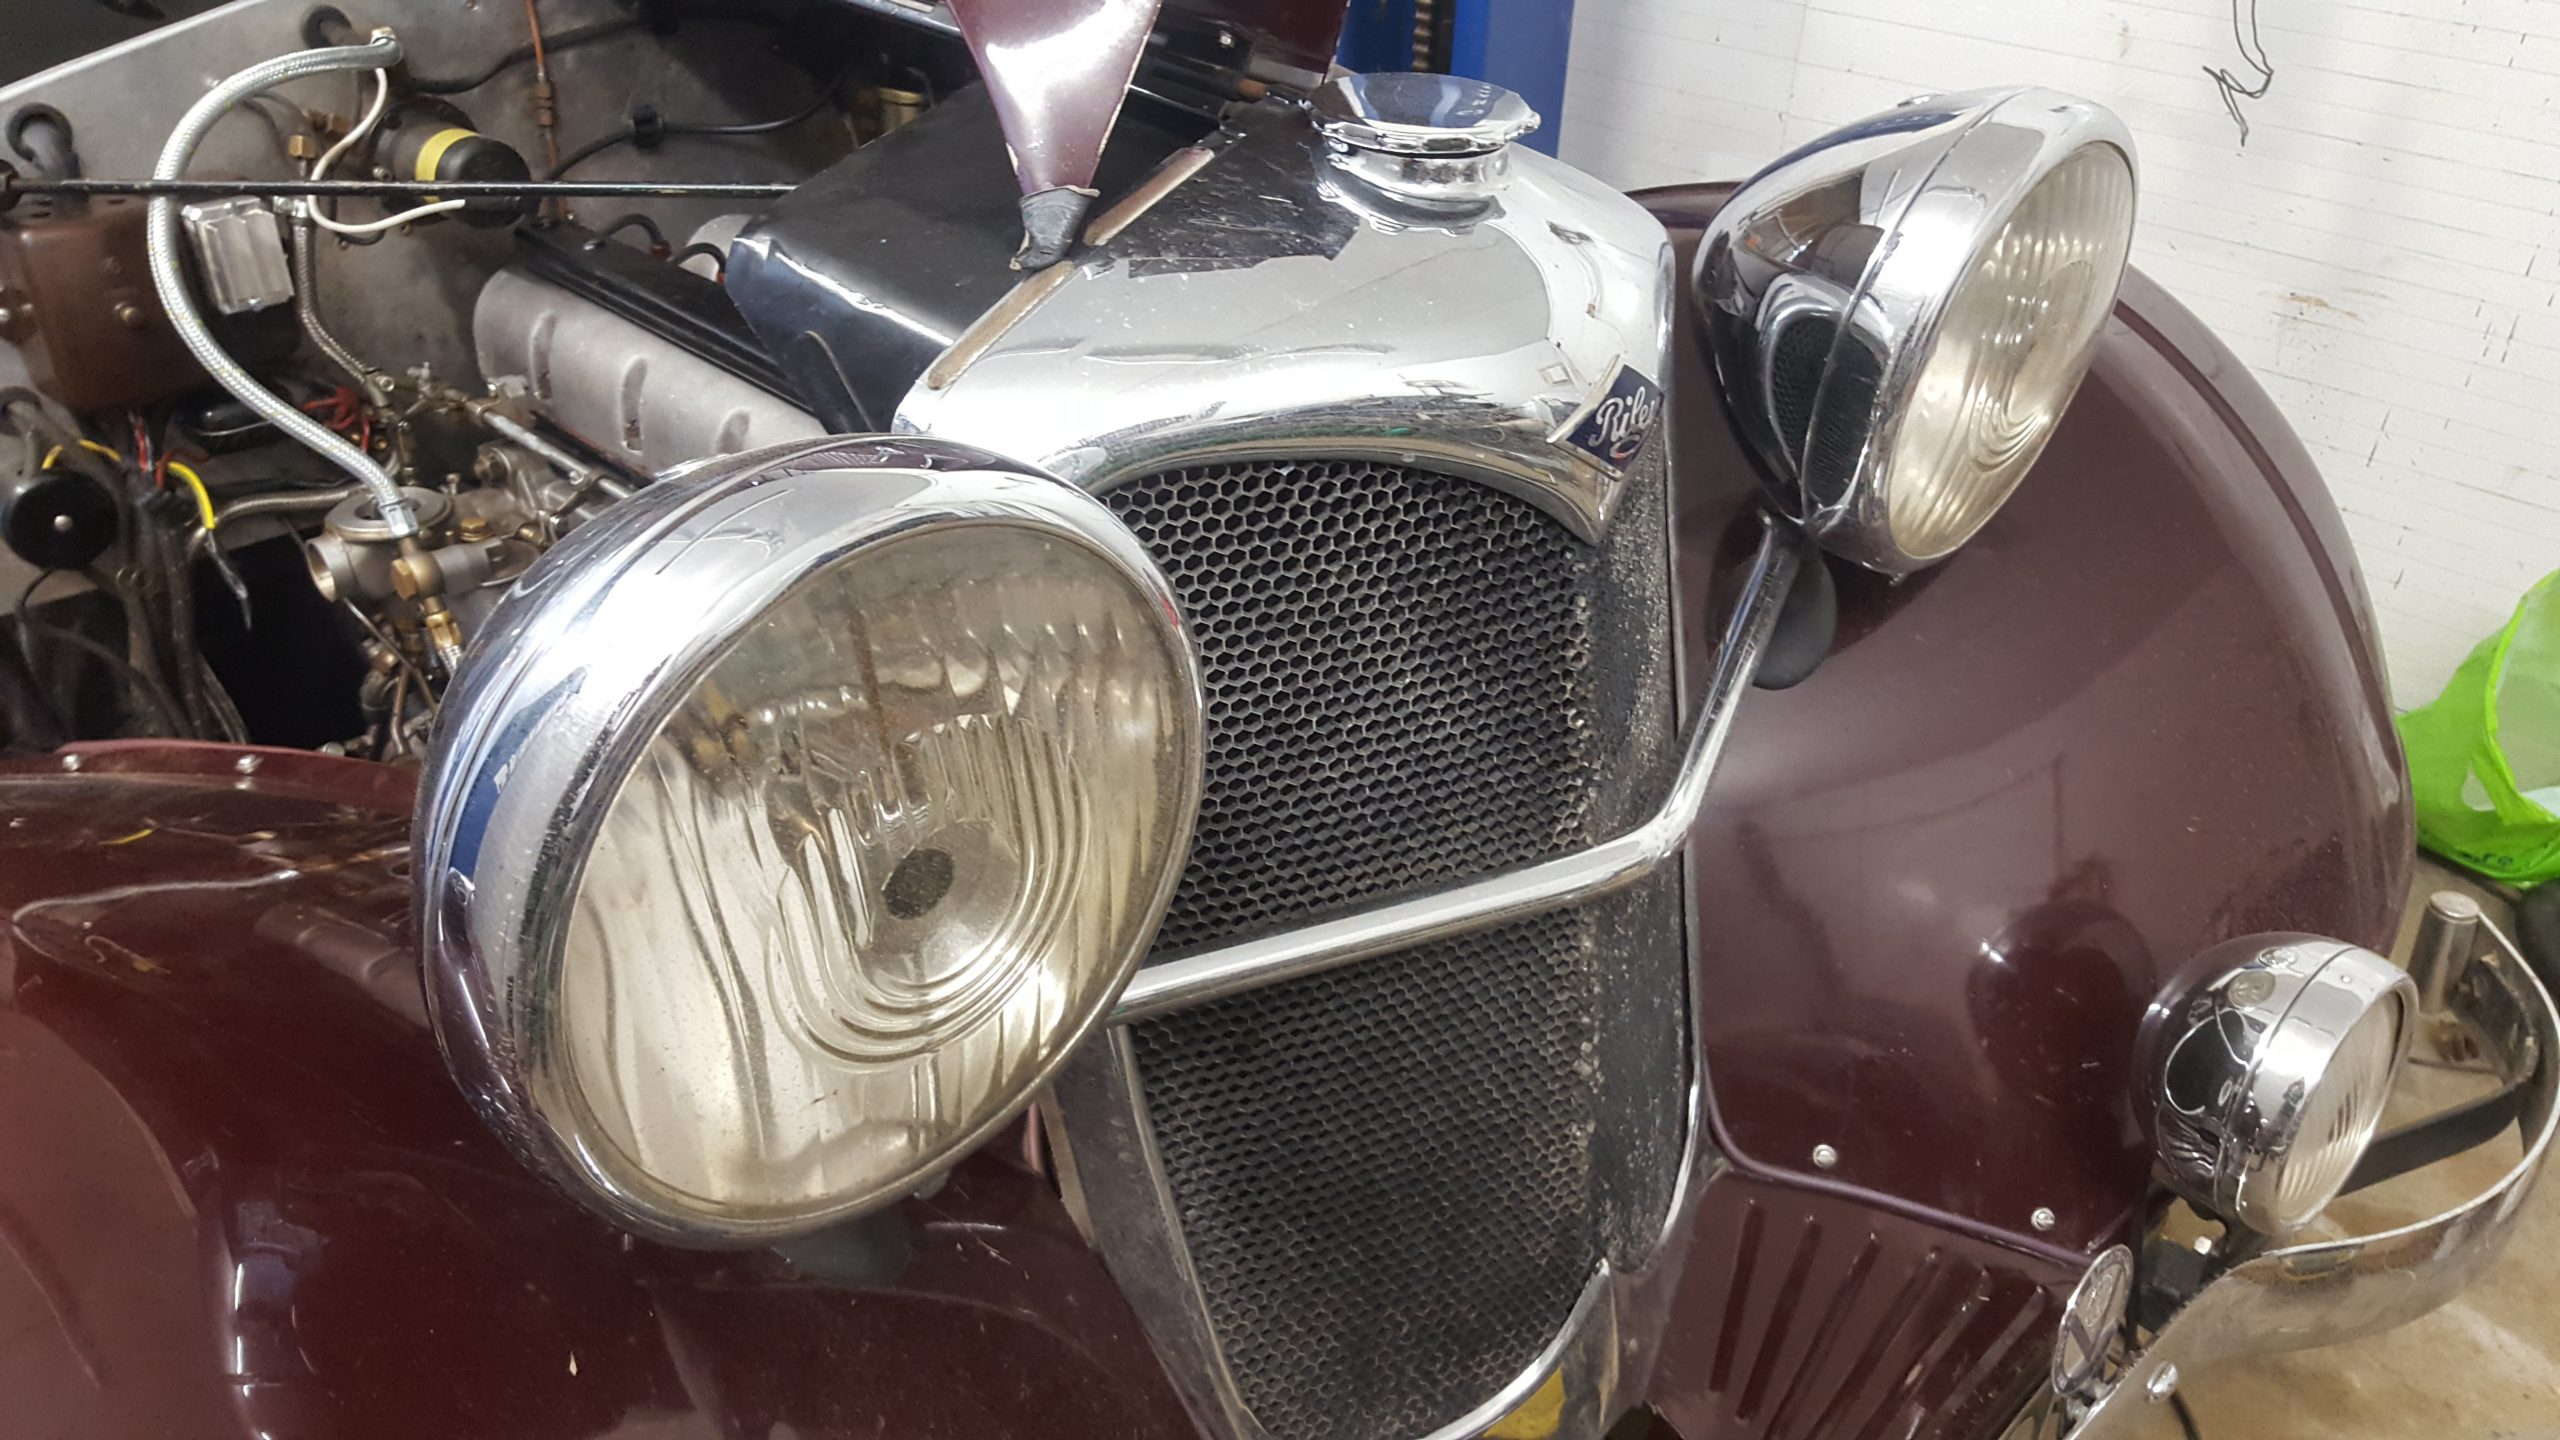 vintage wireman-riley-vintage car- riley lynx